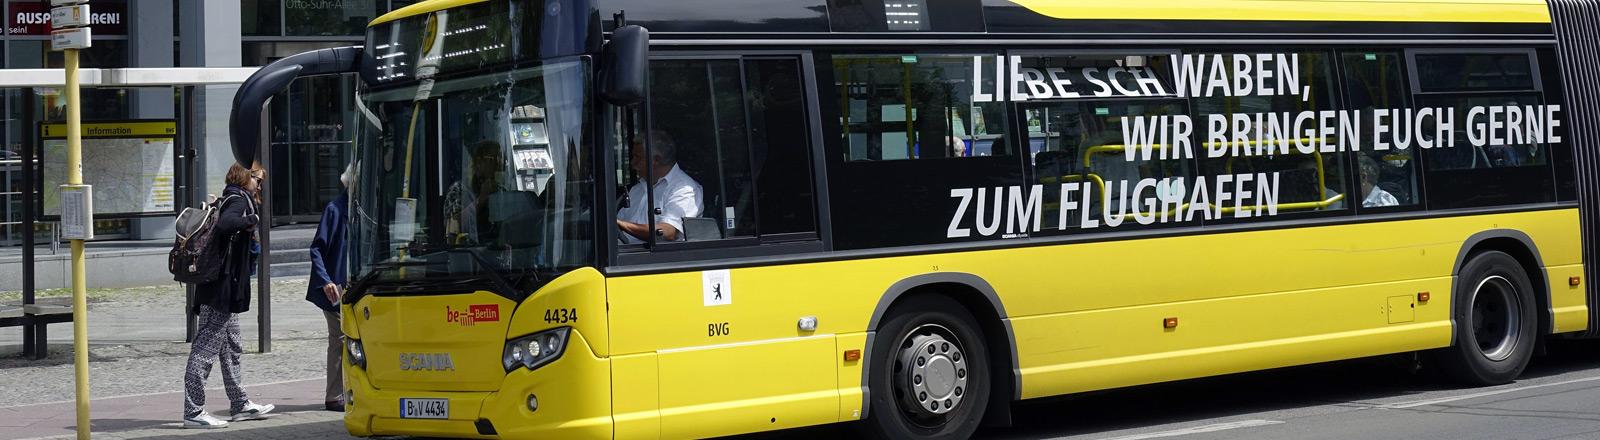 """Auf einem Bus der Berliner Verkehrsbetriebe steht """"Liebe Schwaben, wir fahren euch gerne zum Flughafen""""."""